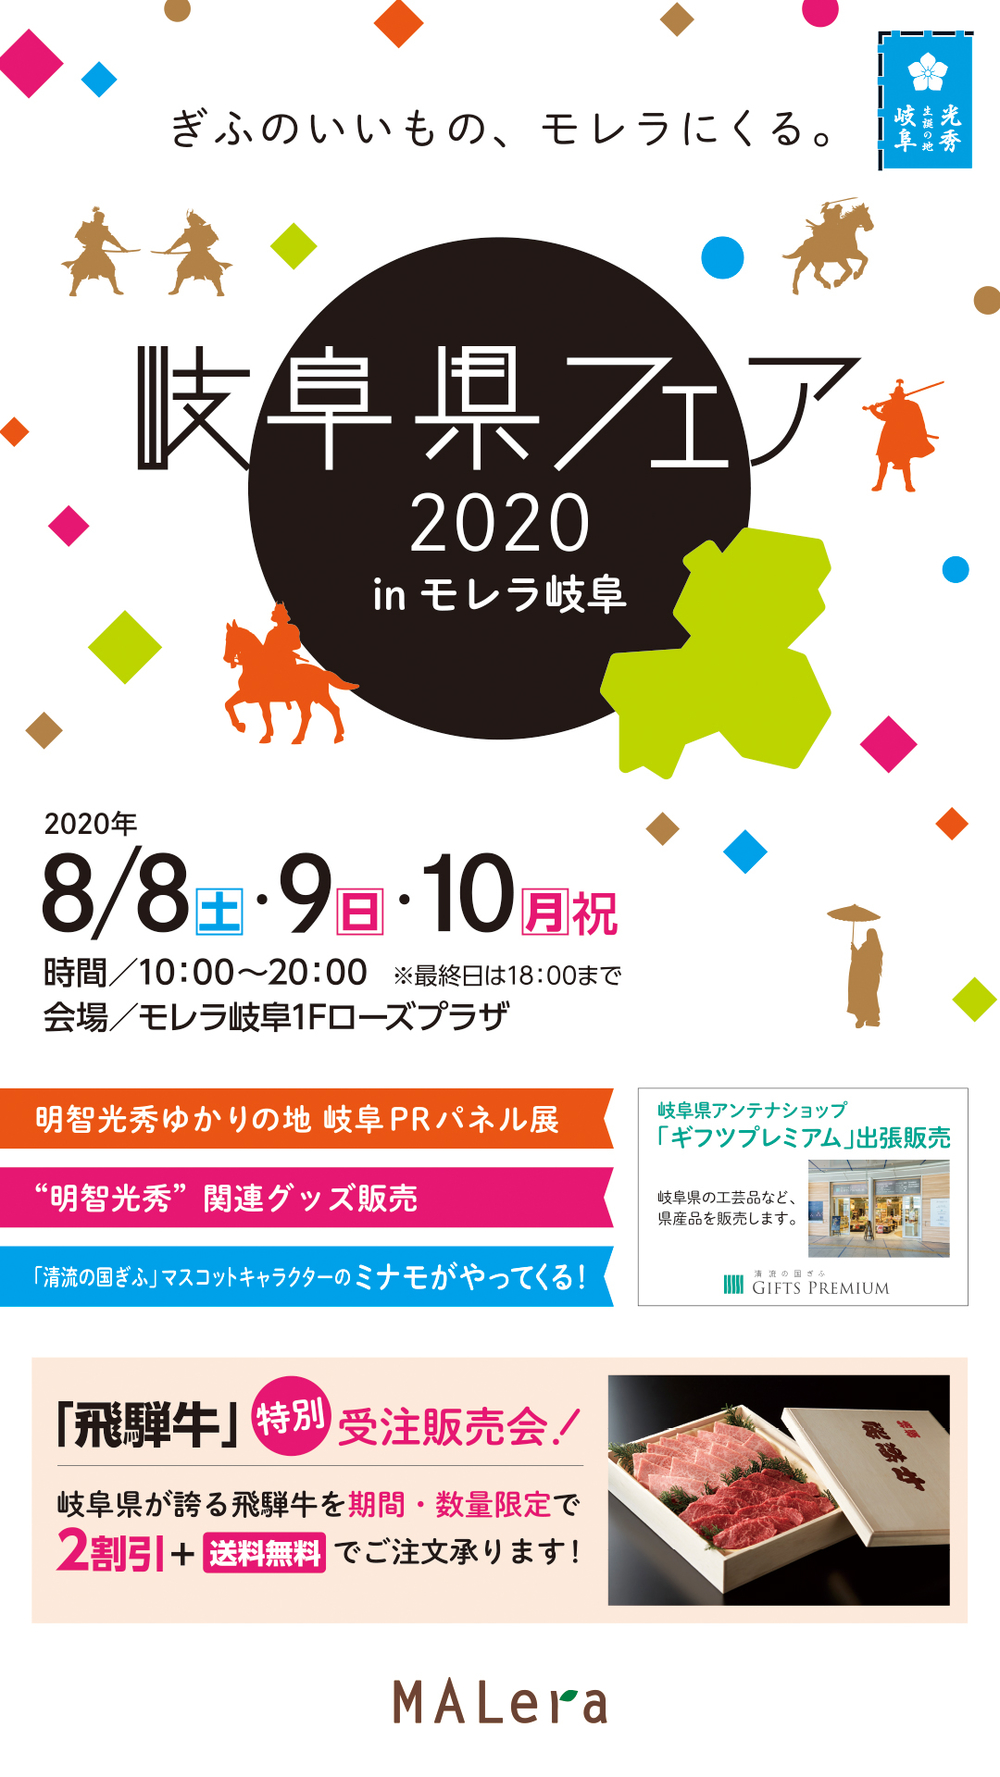 岐阜県フェア2020 in モレラ岐阜